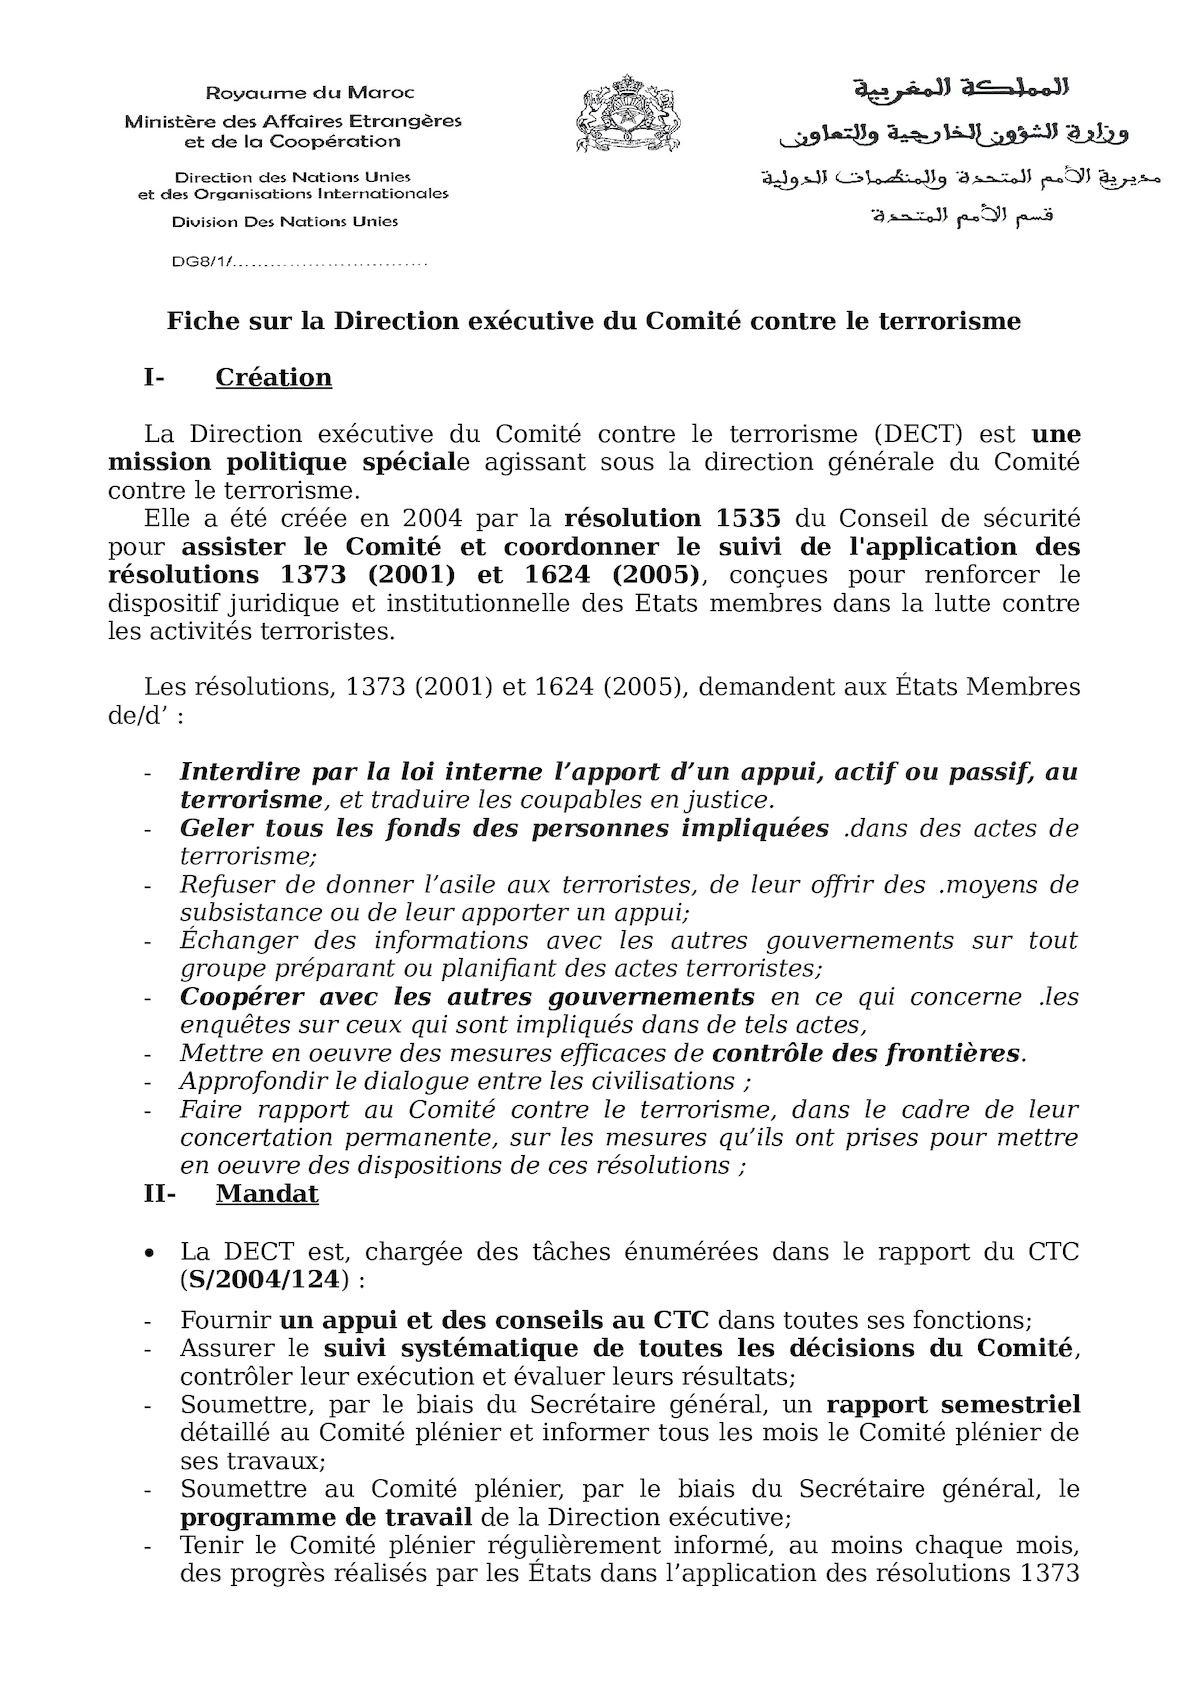 FICHE Sur La Direction Exécutive Du Comité Contre Le Terrorisme